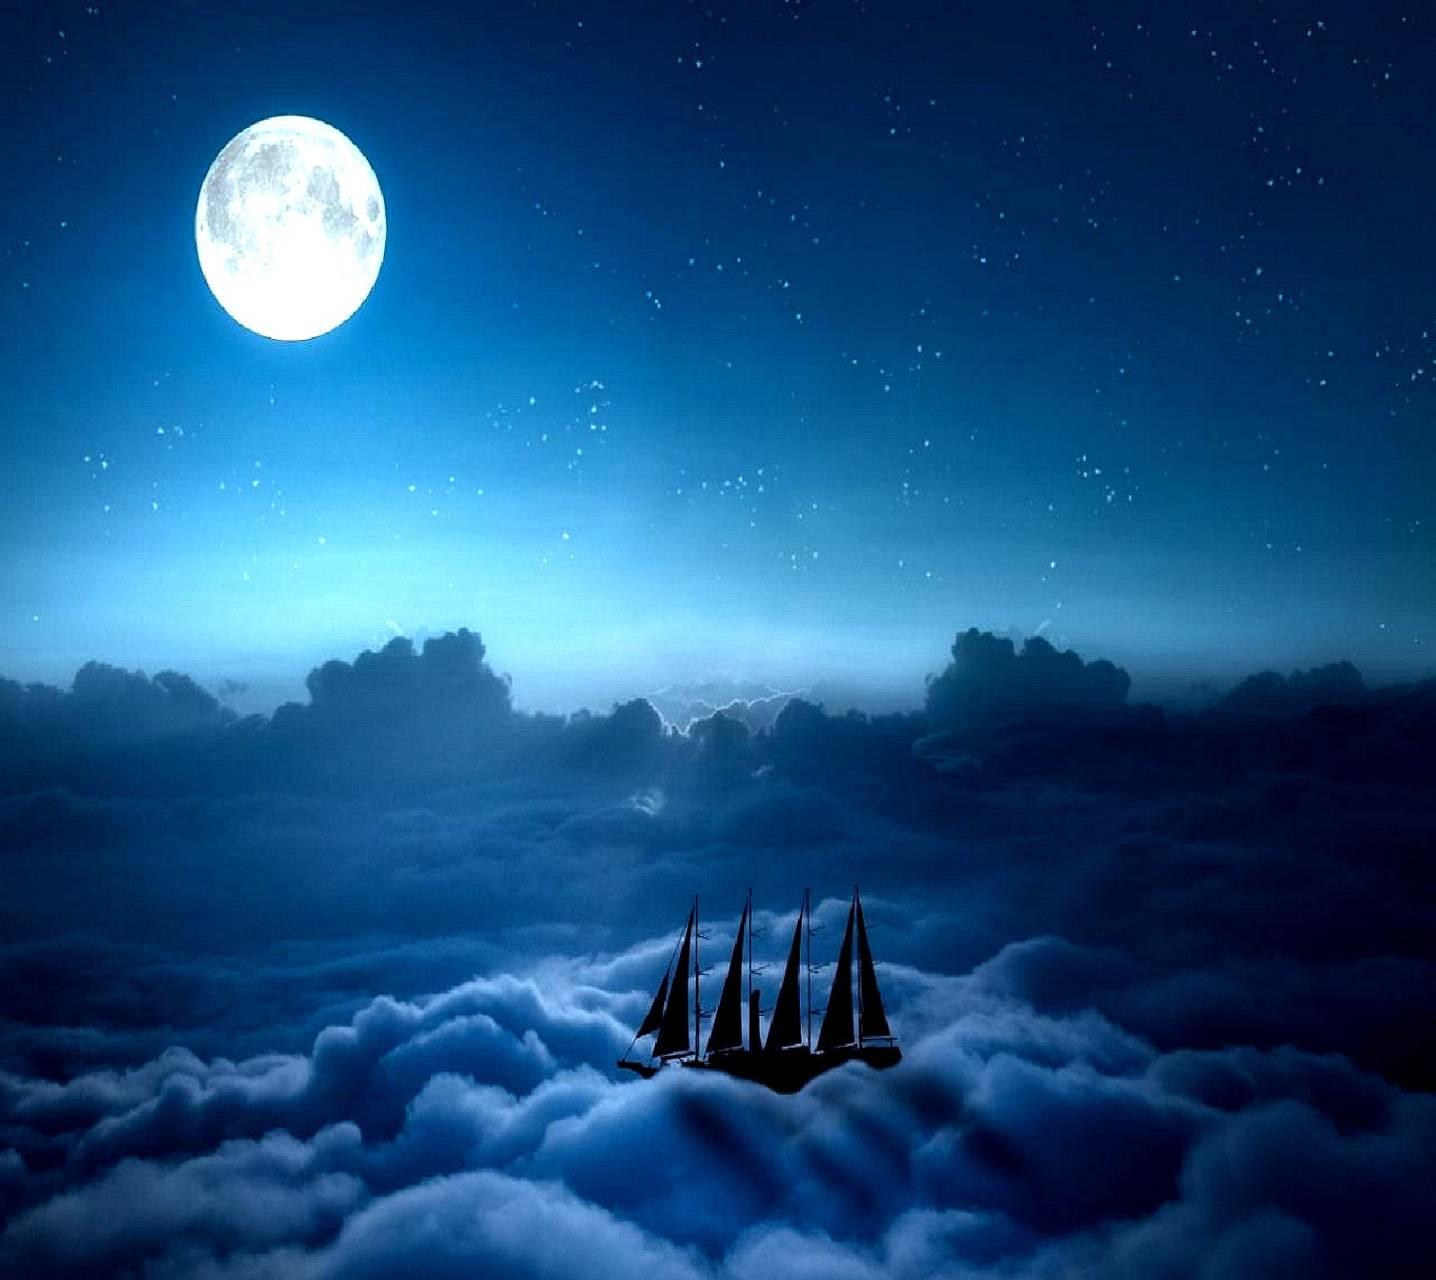 celestial travelers